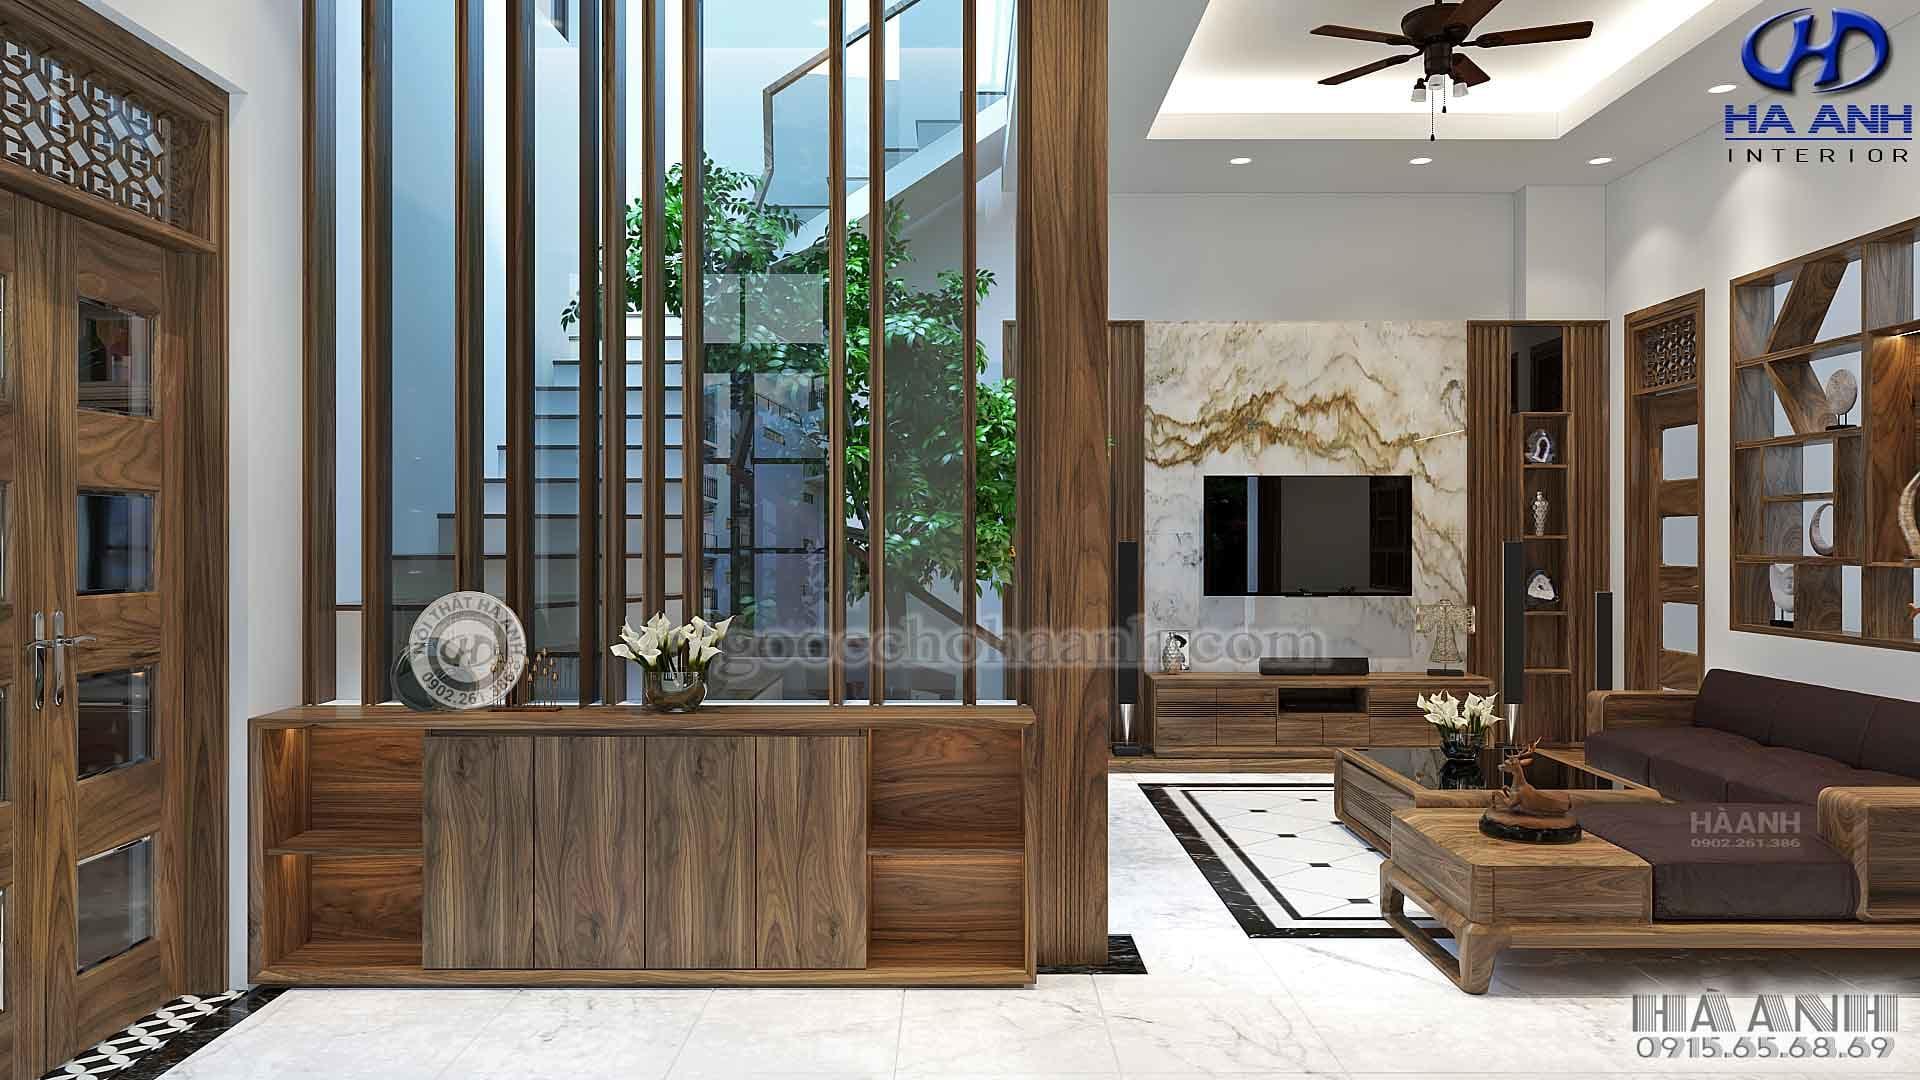 Nội thất gỗ óc chó nhà anh Long – Biệt Thự An Khánh